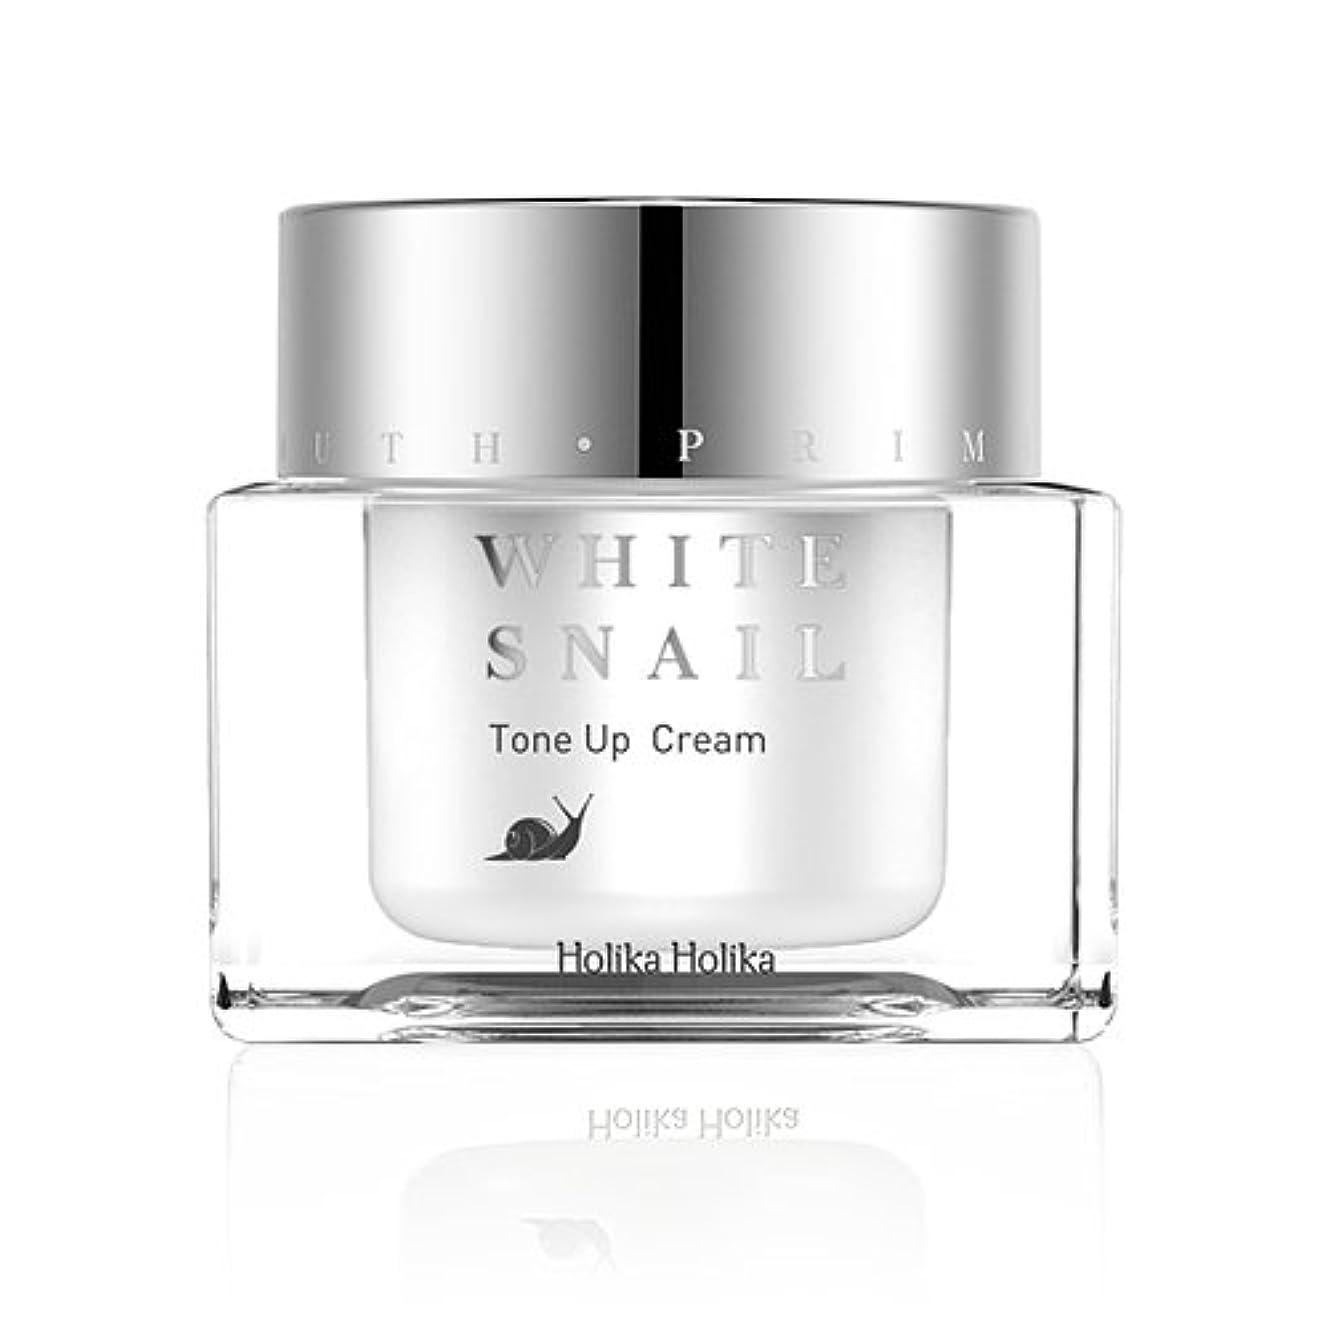 リファインヒューズビリーHolikaHolika(ホリカホリカ) Prime Youth White Snail Tone-Up Cream プライムユースホワイトスネイルトーンアップクリーム カタツムリ エスカルゴ [並行輸入品]